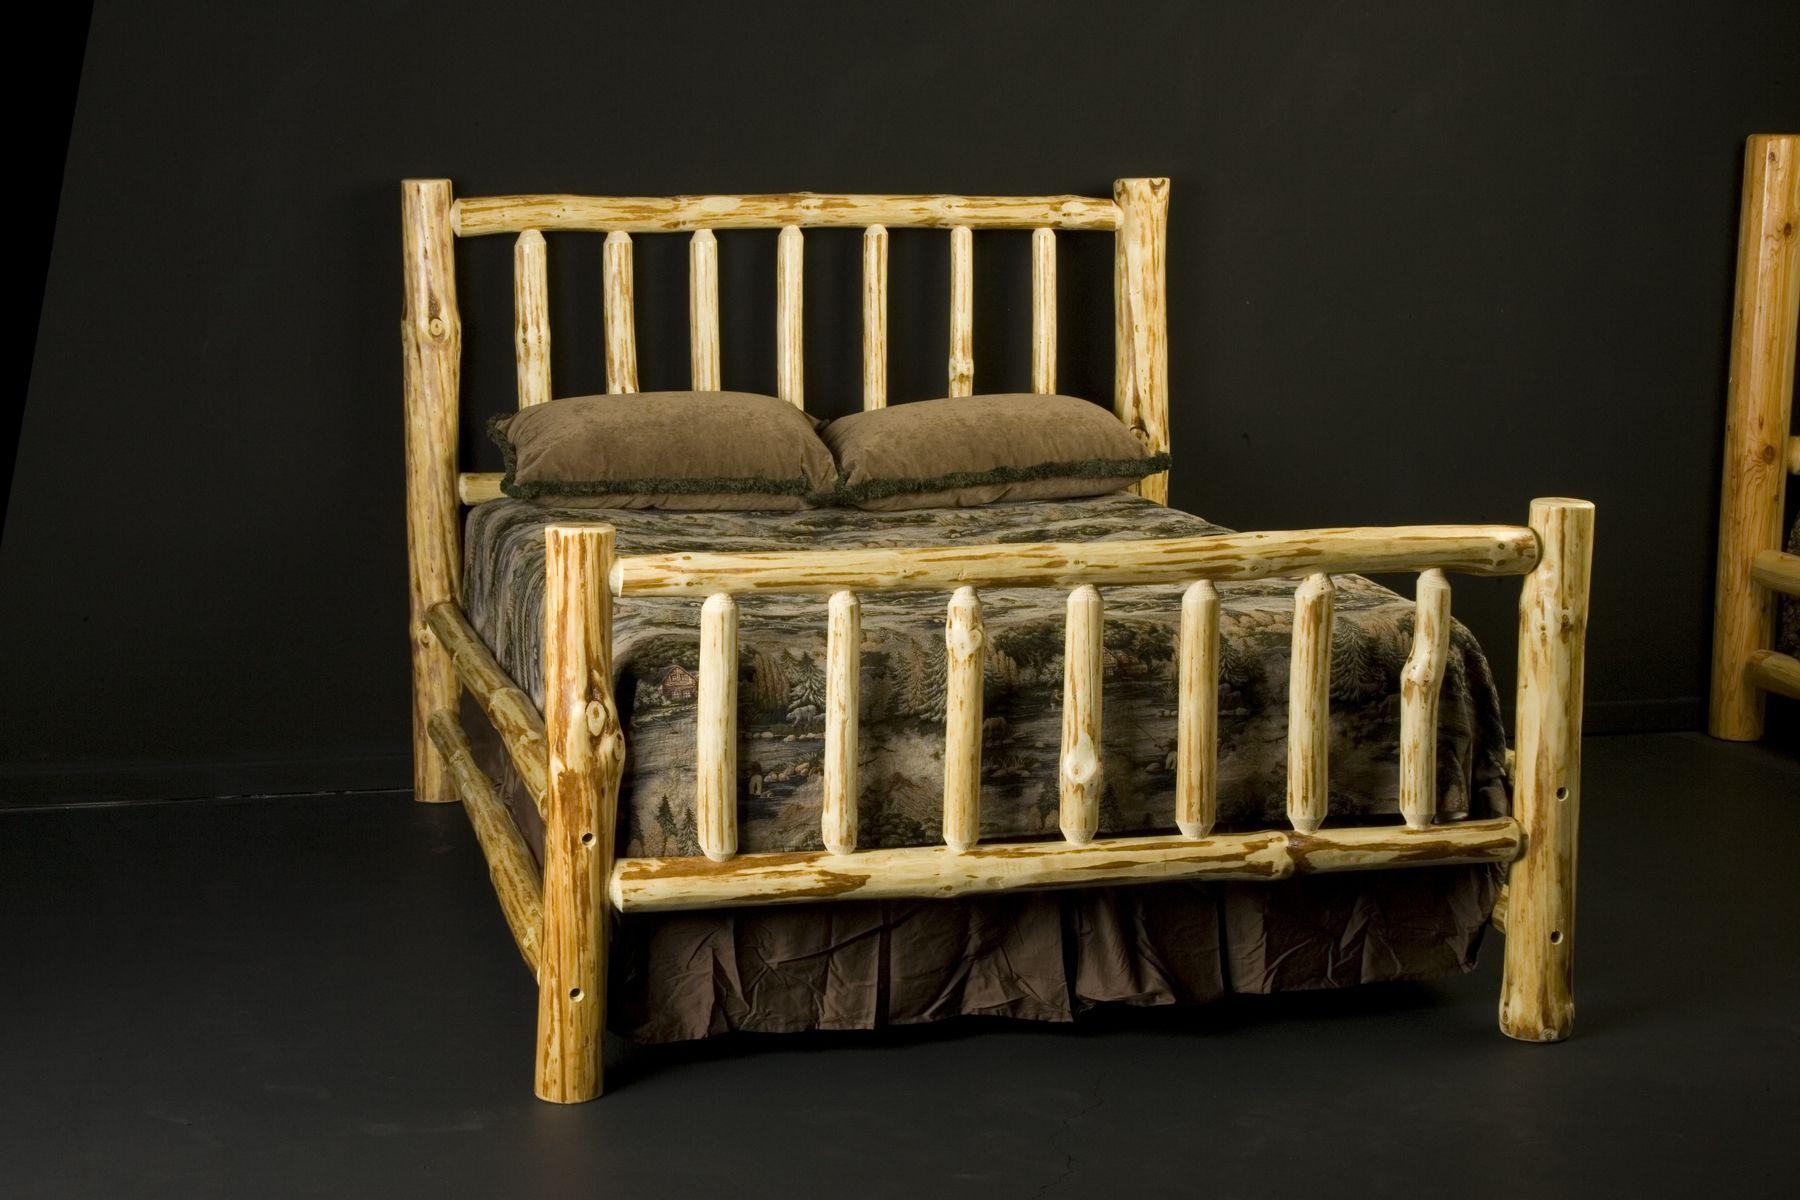 Custom Made Wilderness Log Bed Frame Log bed frame, Log